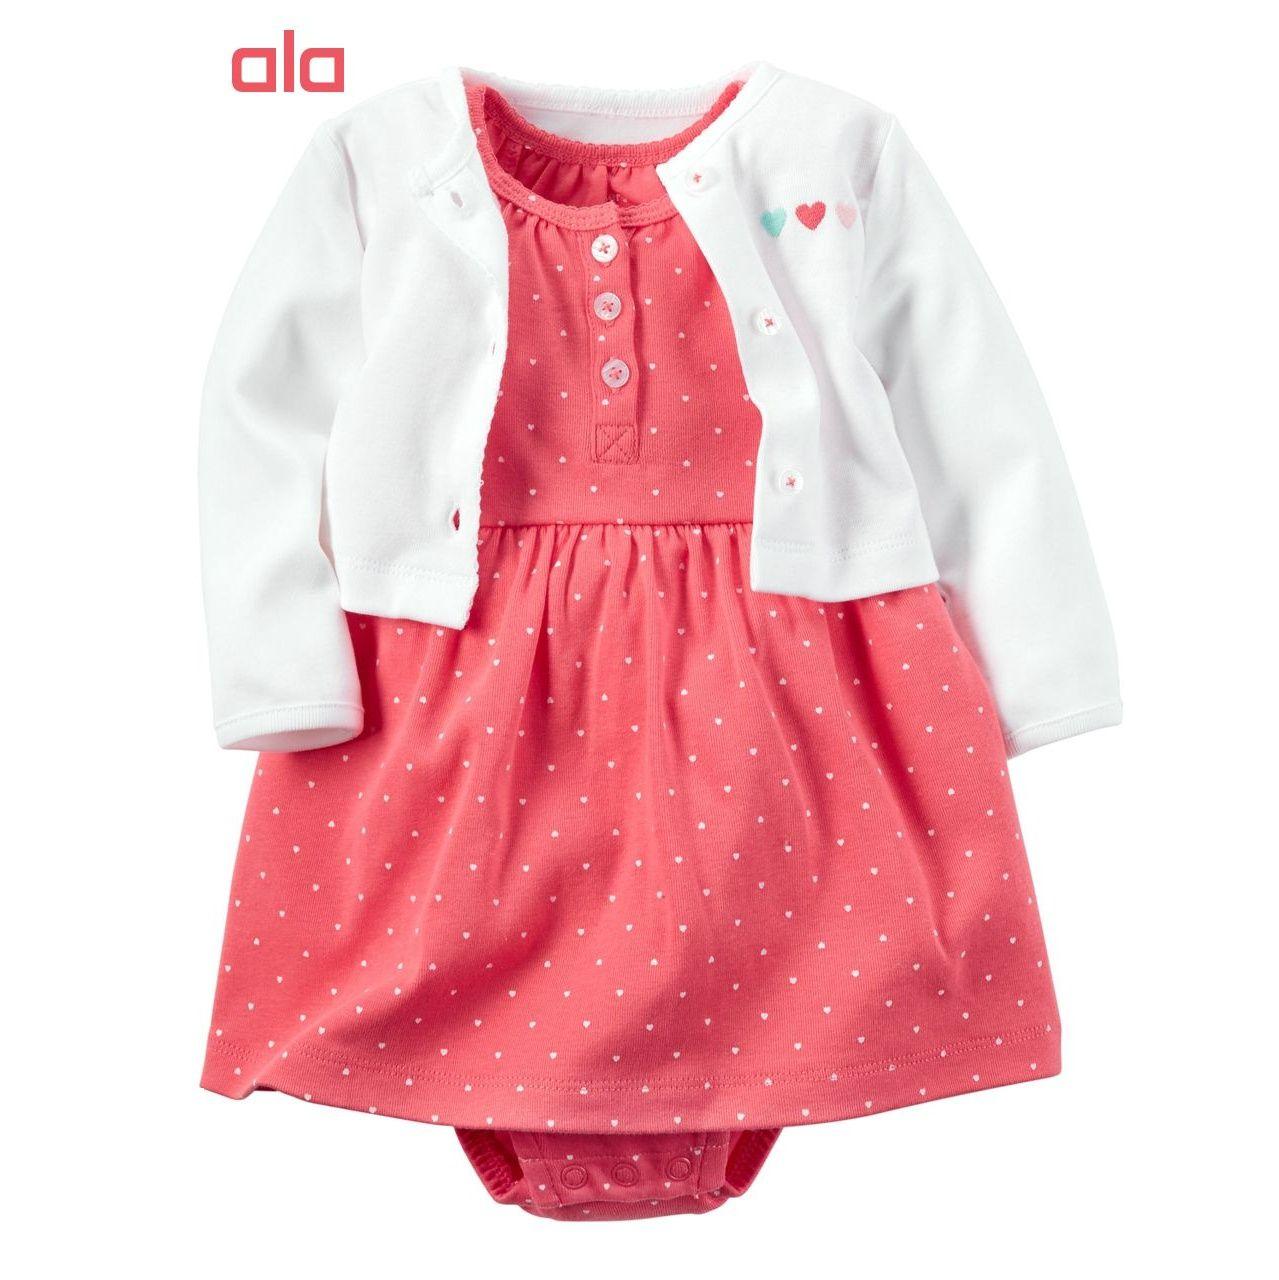 ست 2 تکه لباس نوزادی دخترانه کارترز مدل 840 -  - 1